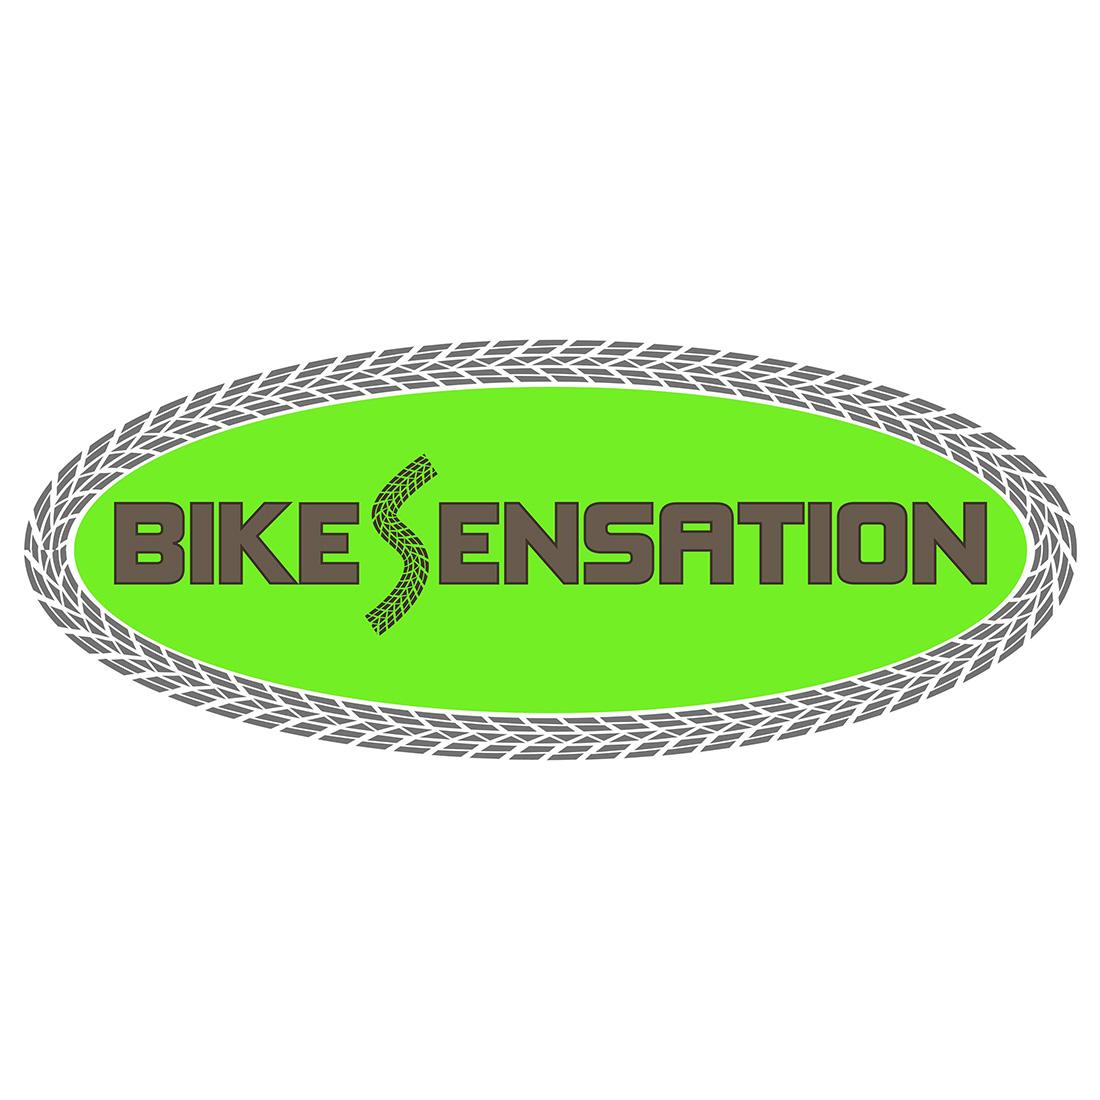 Bikesensation